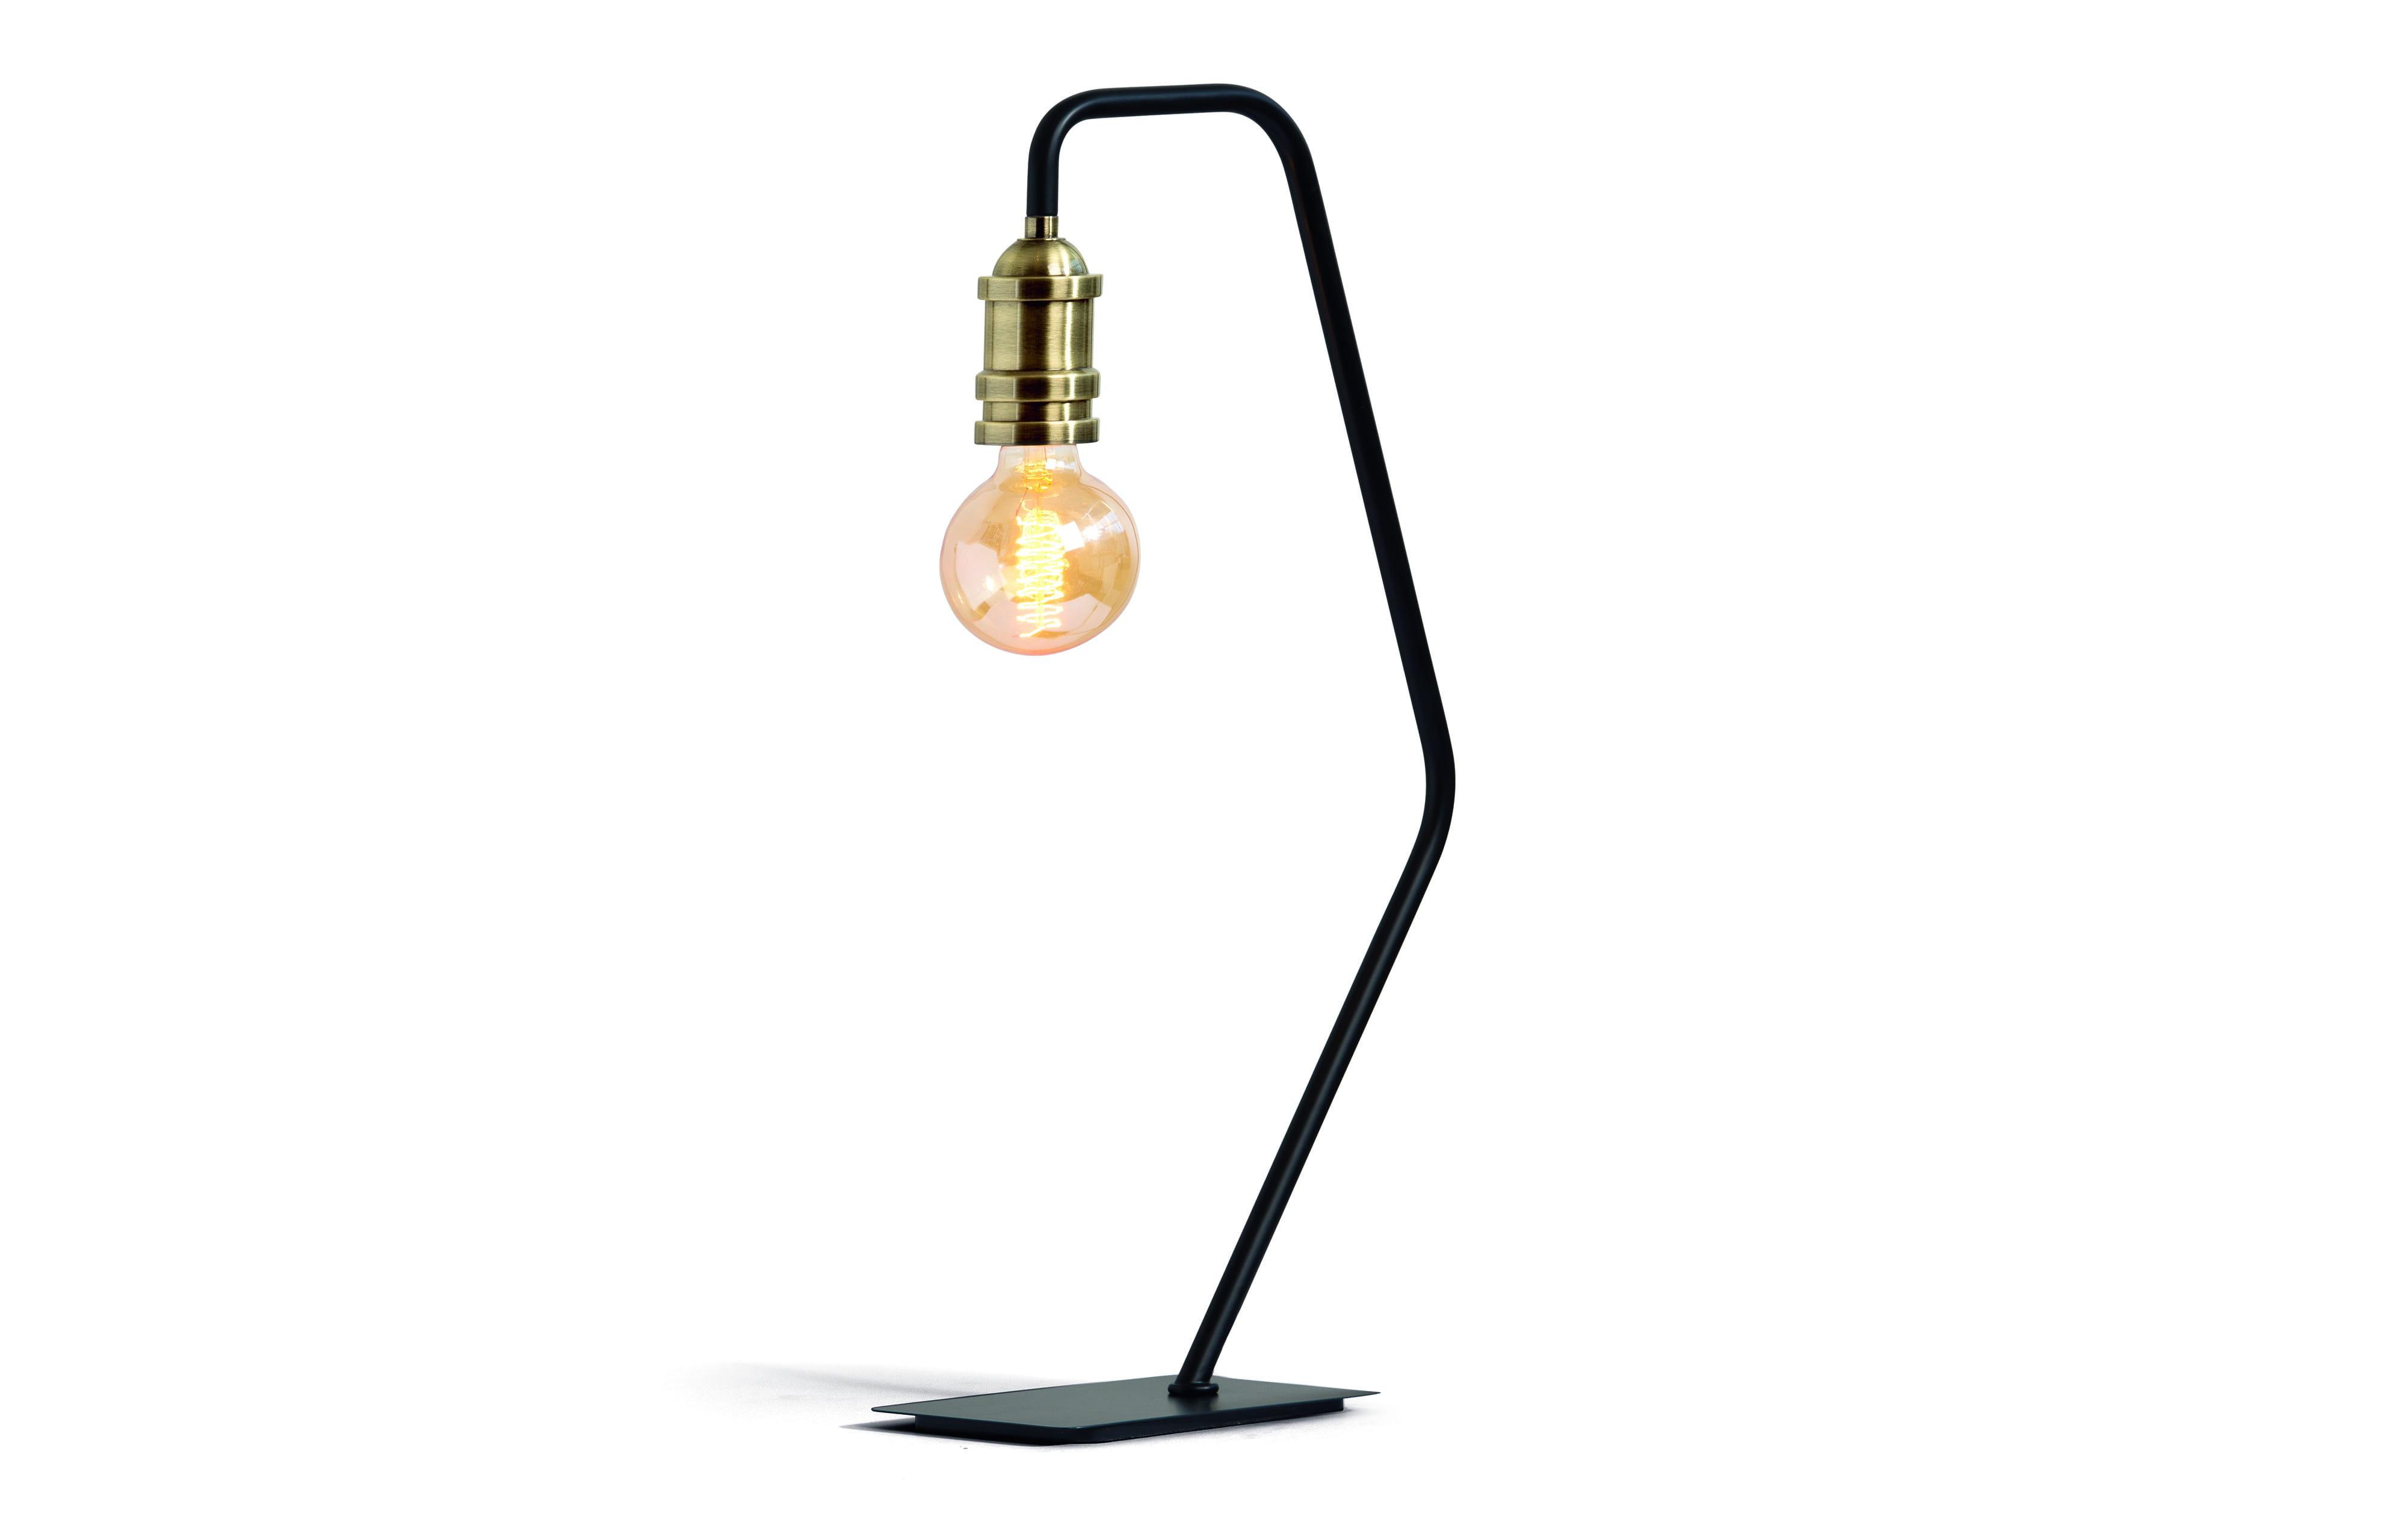 lampe starkey par lampes de bureau les. Black Bedroom Furniture Sets. Home Design Ideas